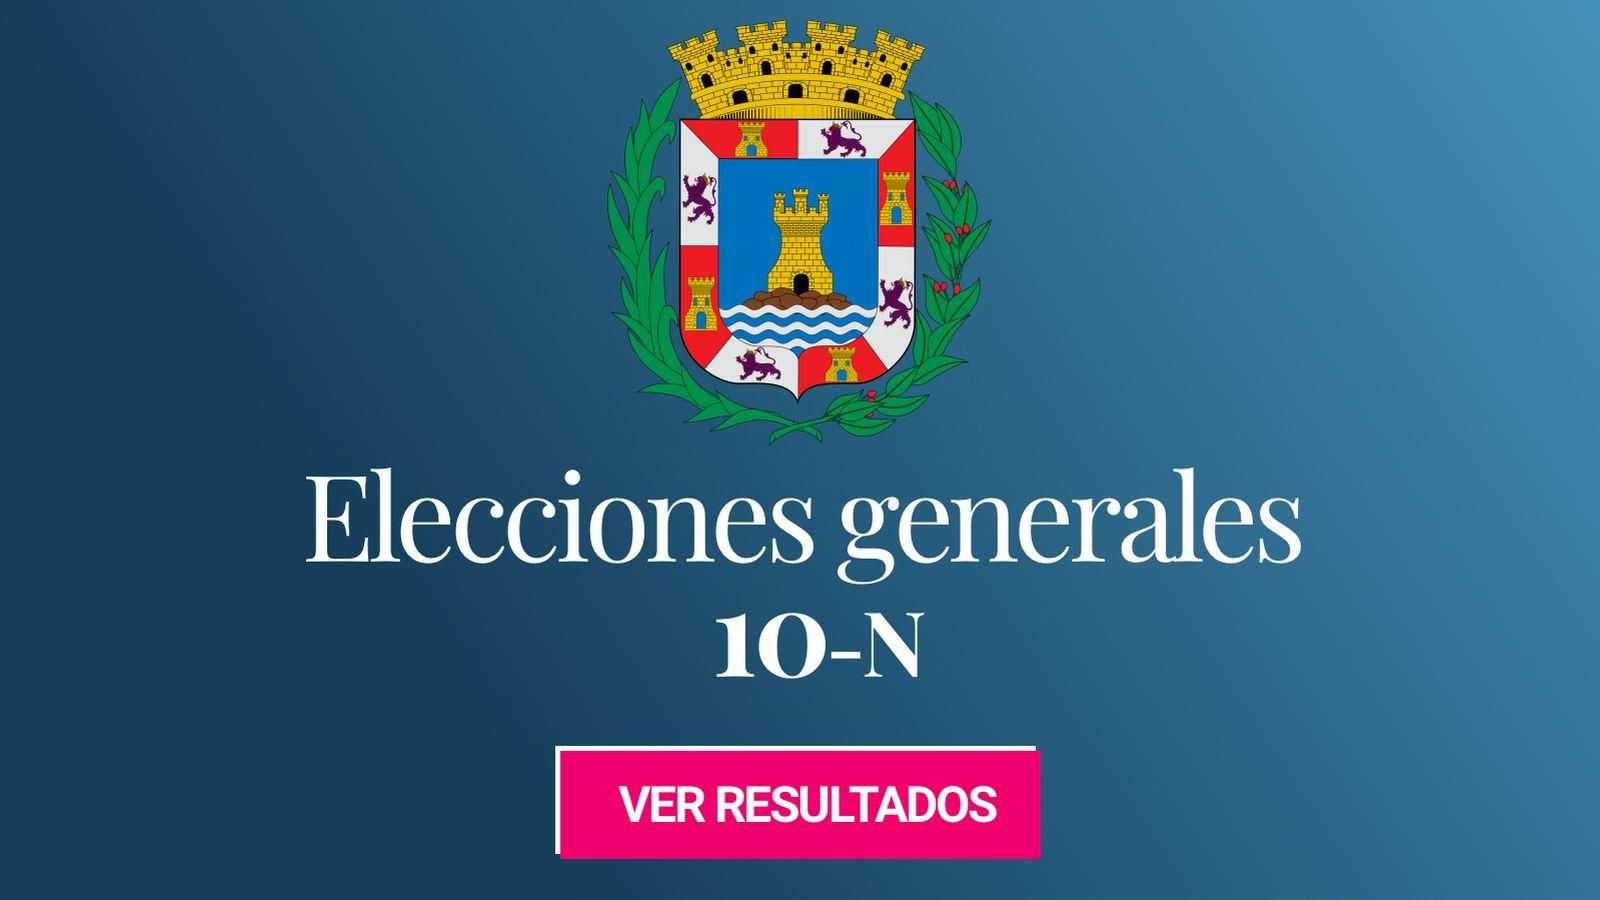 Foto: Elecciones generales 2019 en Cartagena. (C.C./EC)